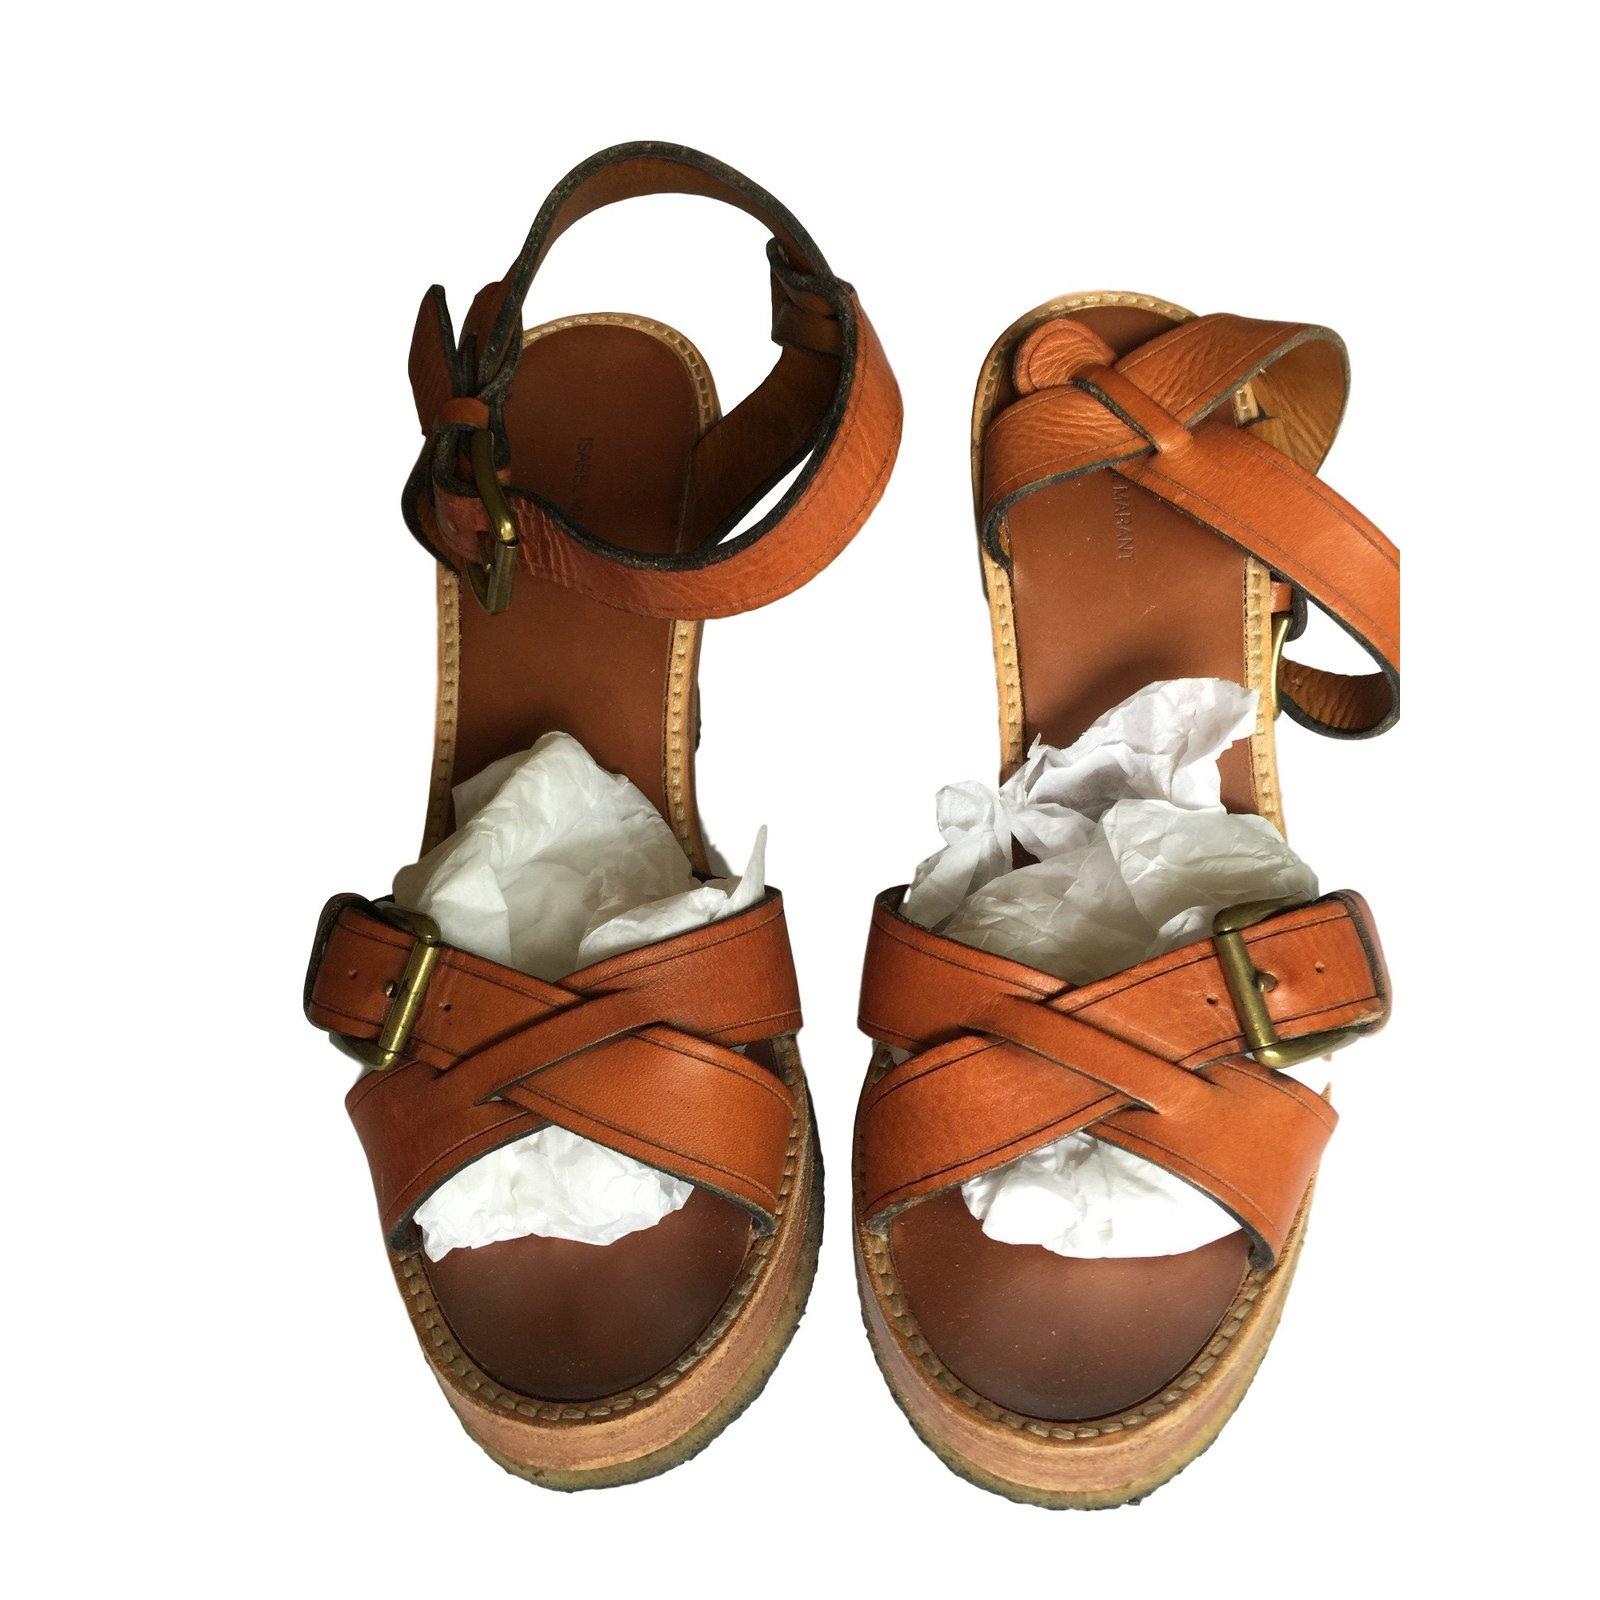 Sandales en cuirIsabel Marant QJm0oT